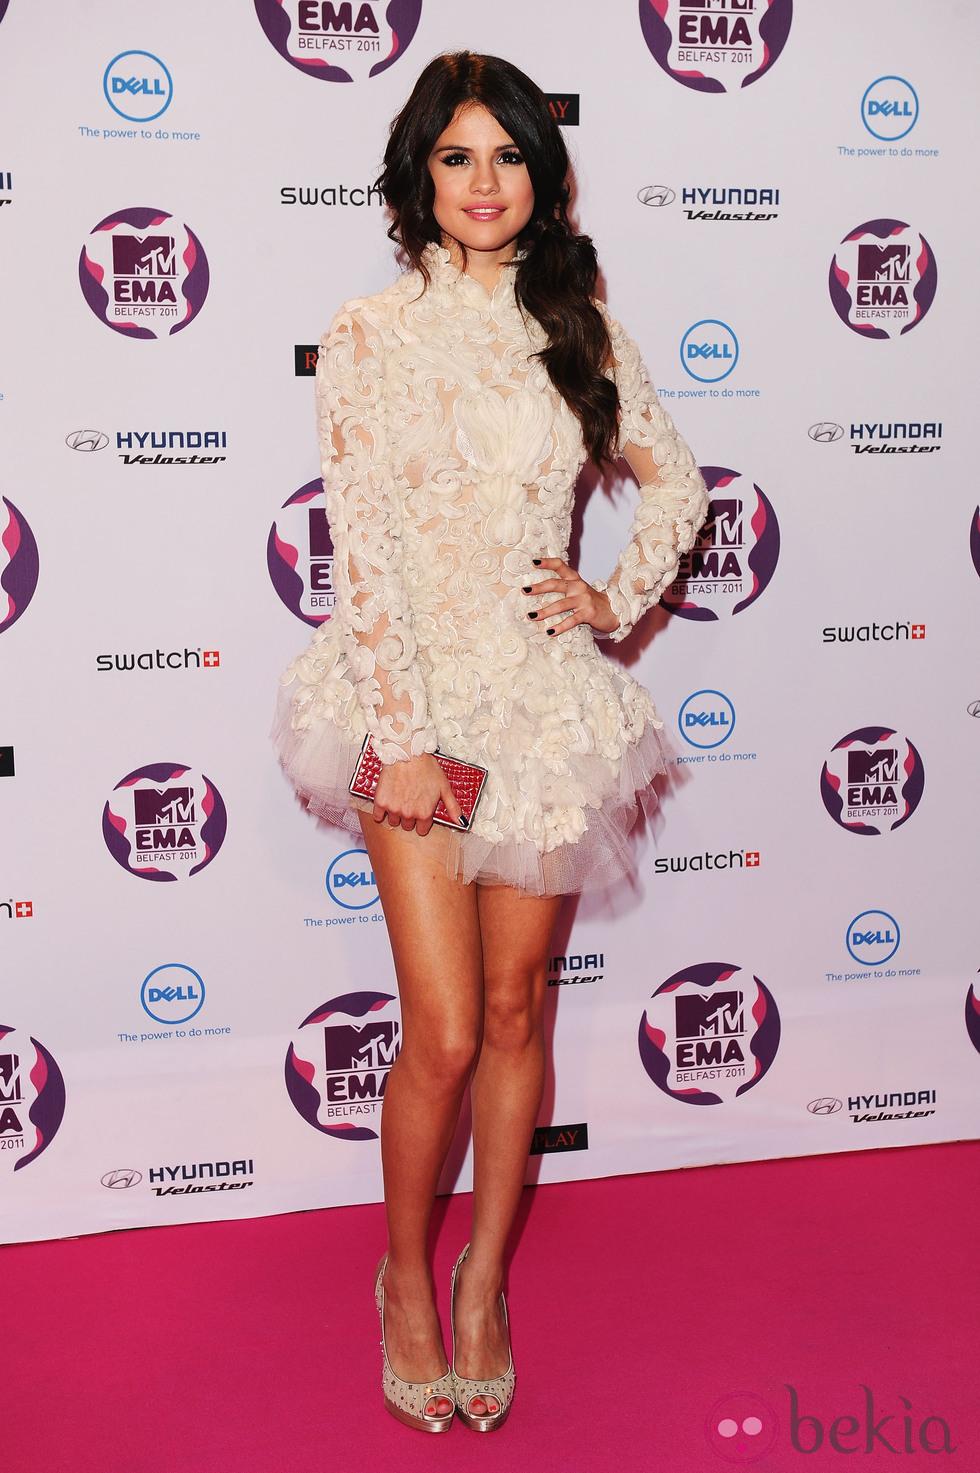 La novia de Justin Bieber, Selena Gómez, podría sufrir algún